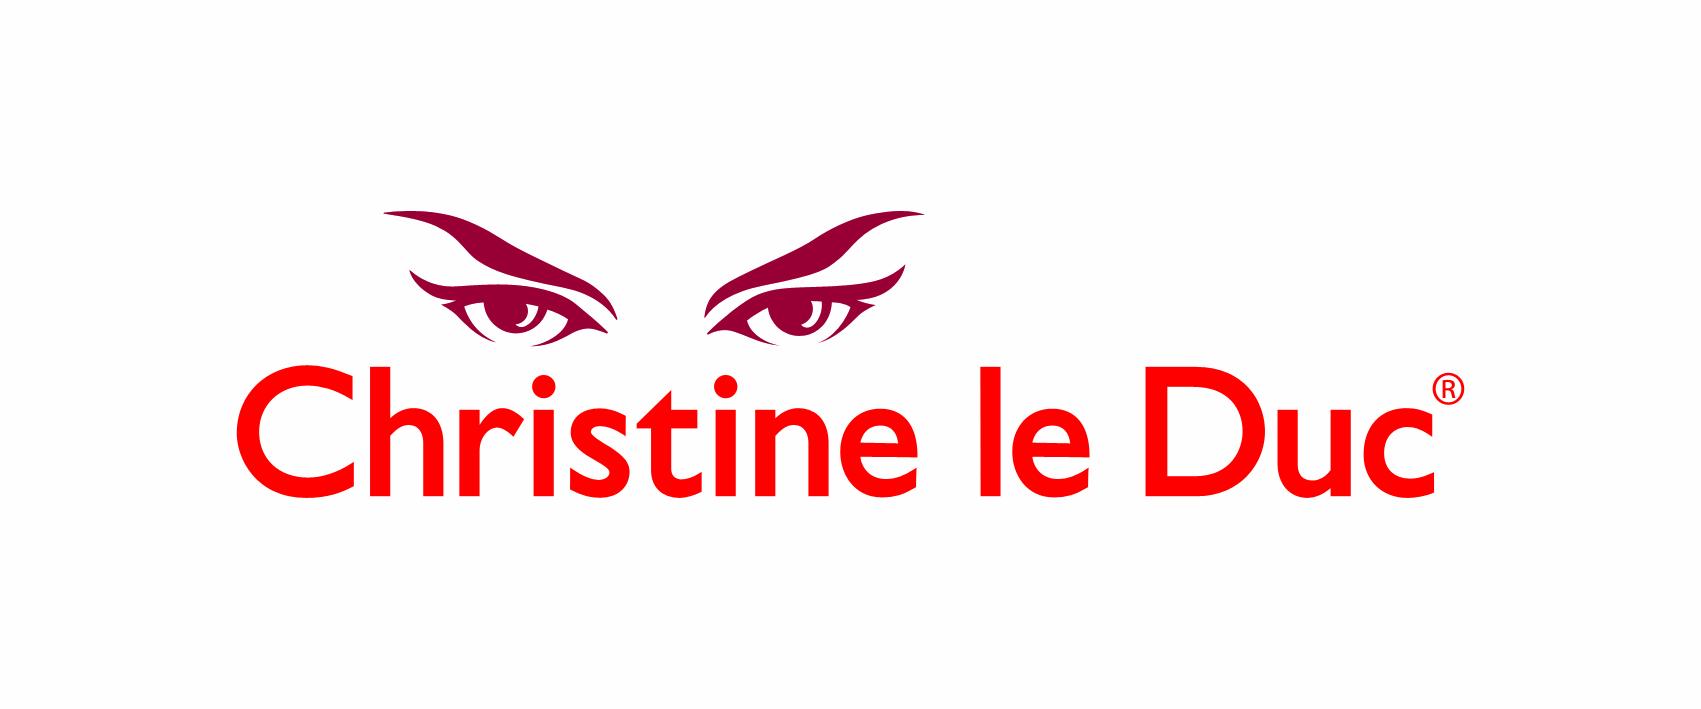 Christine le Duc Logo photo - 1